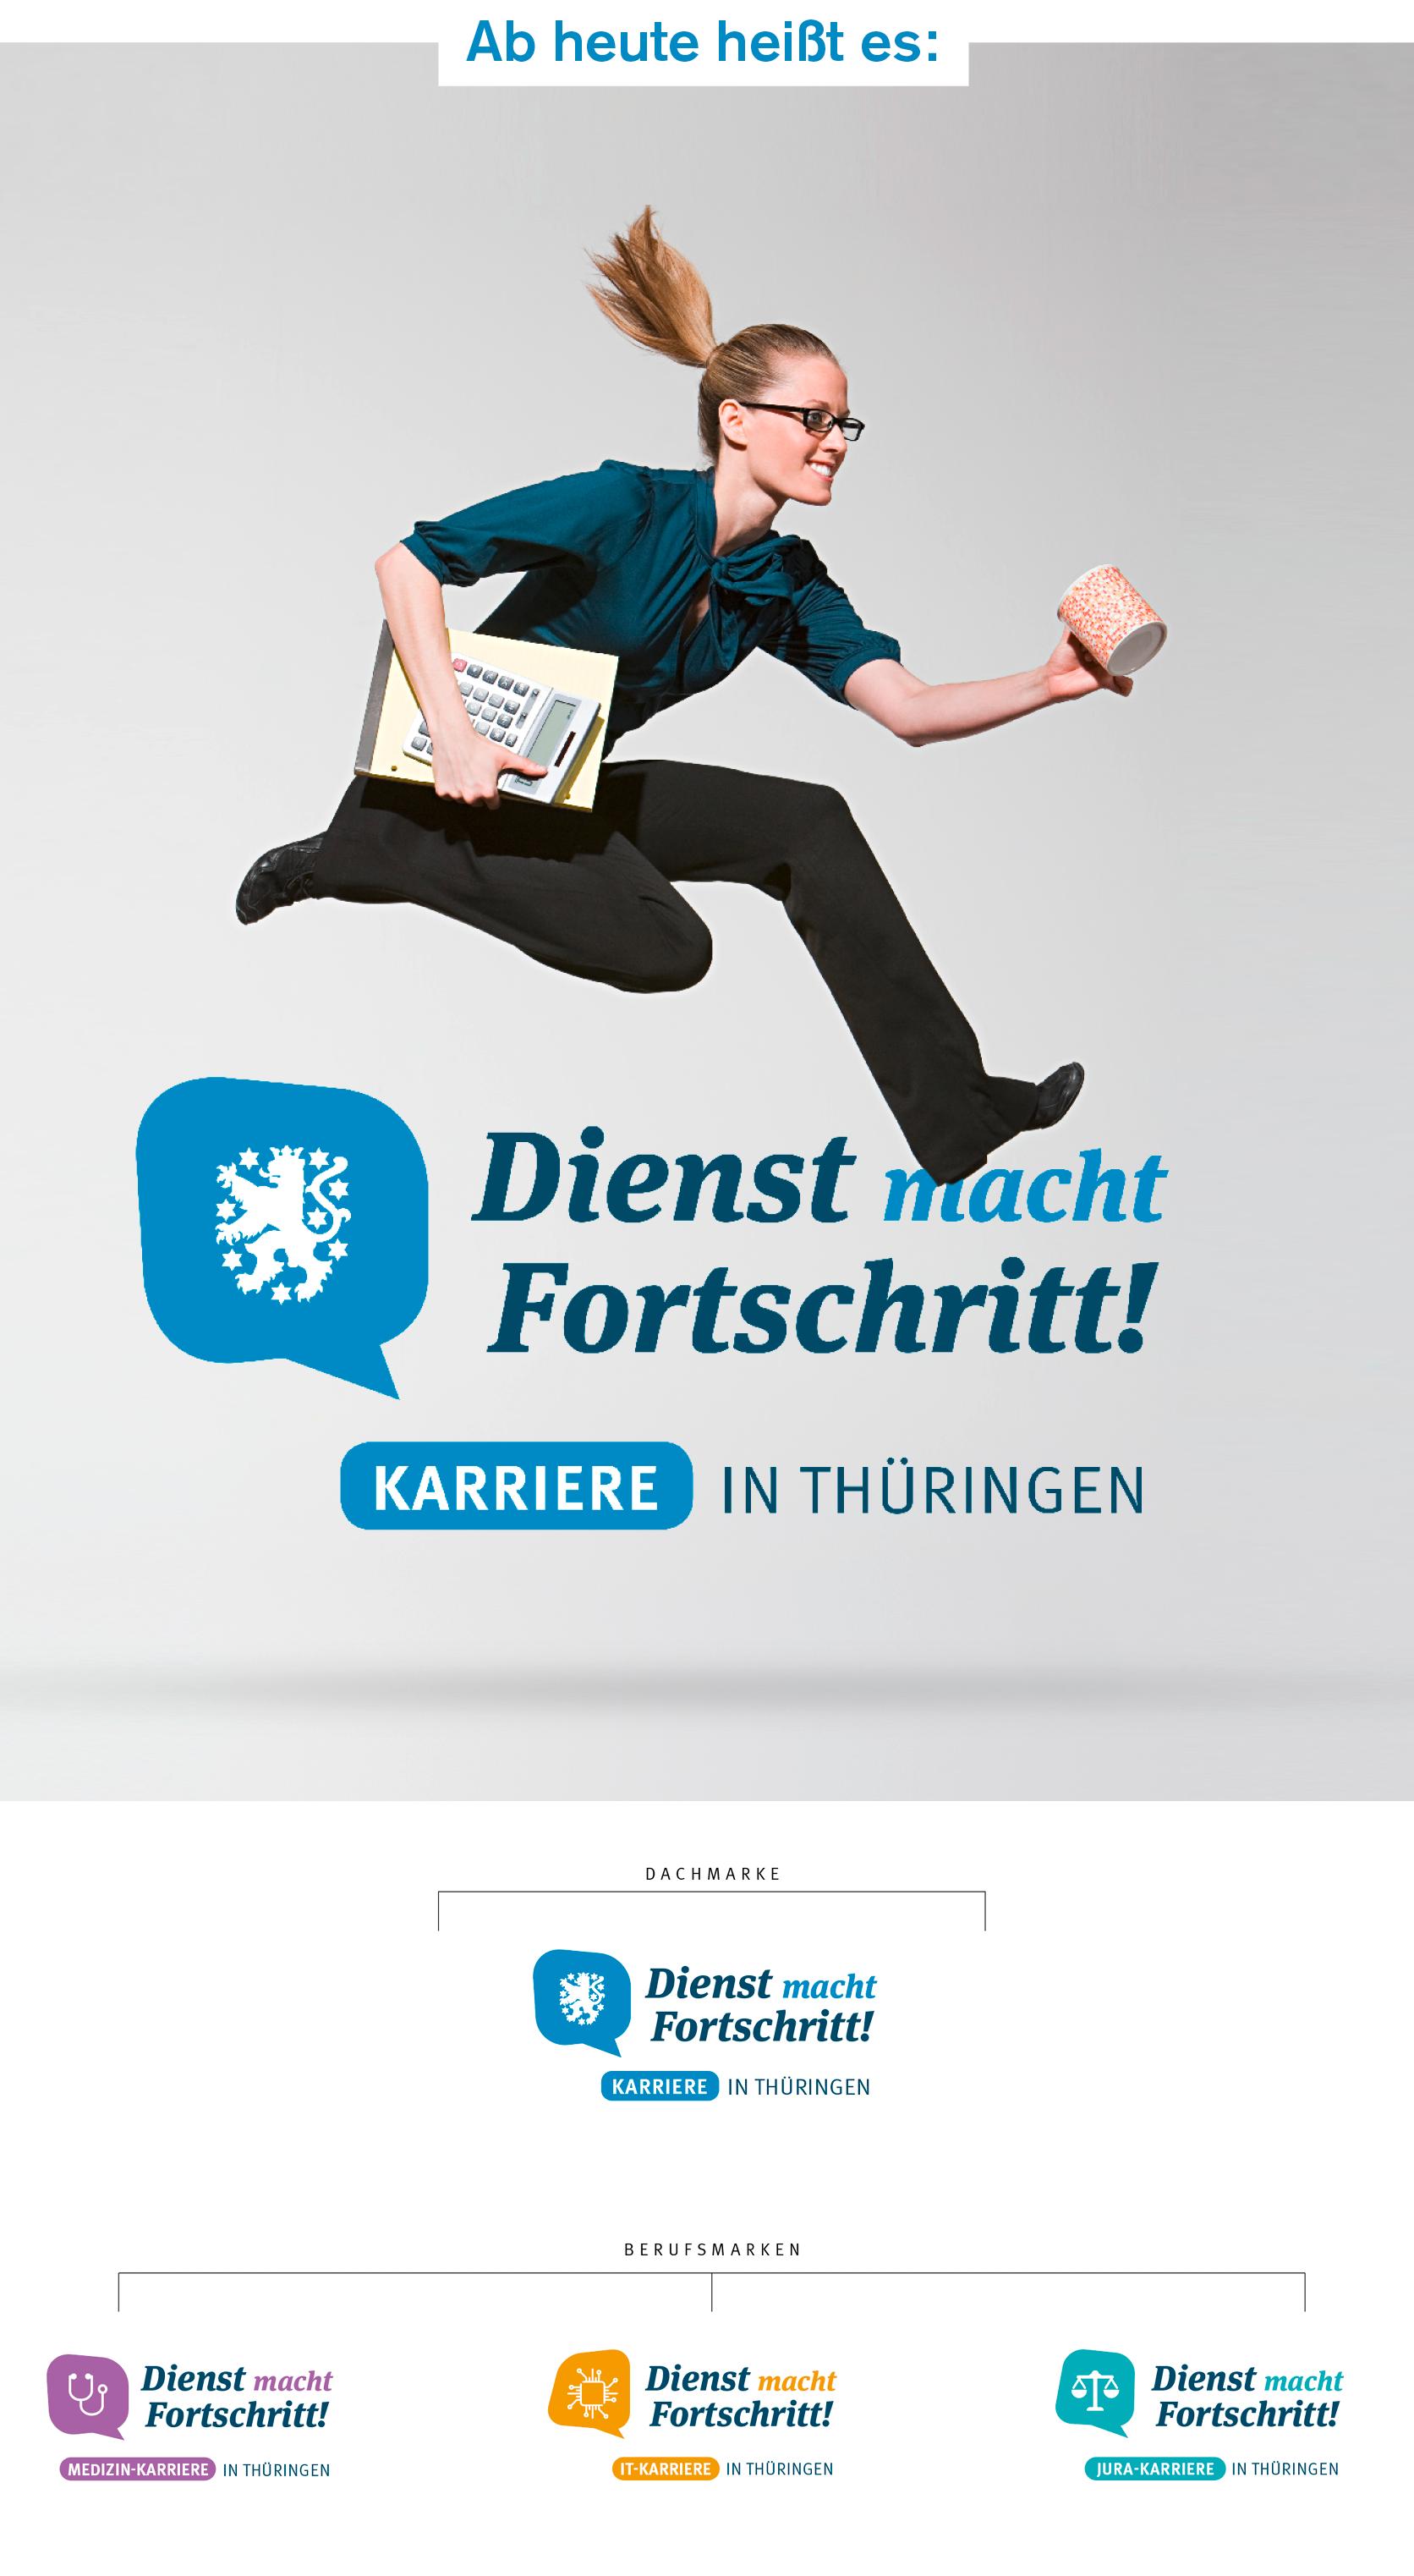 Samt&Seidel_Referenzen_LEG_Arbeitgebermarke_02